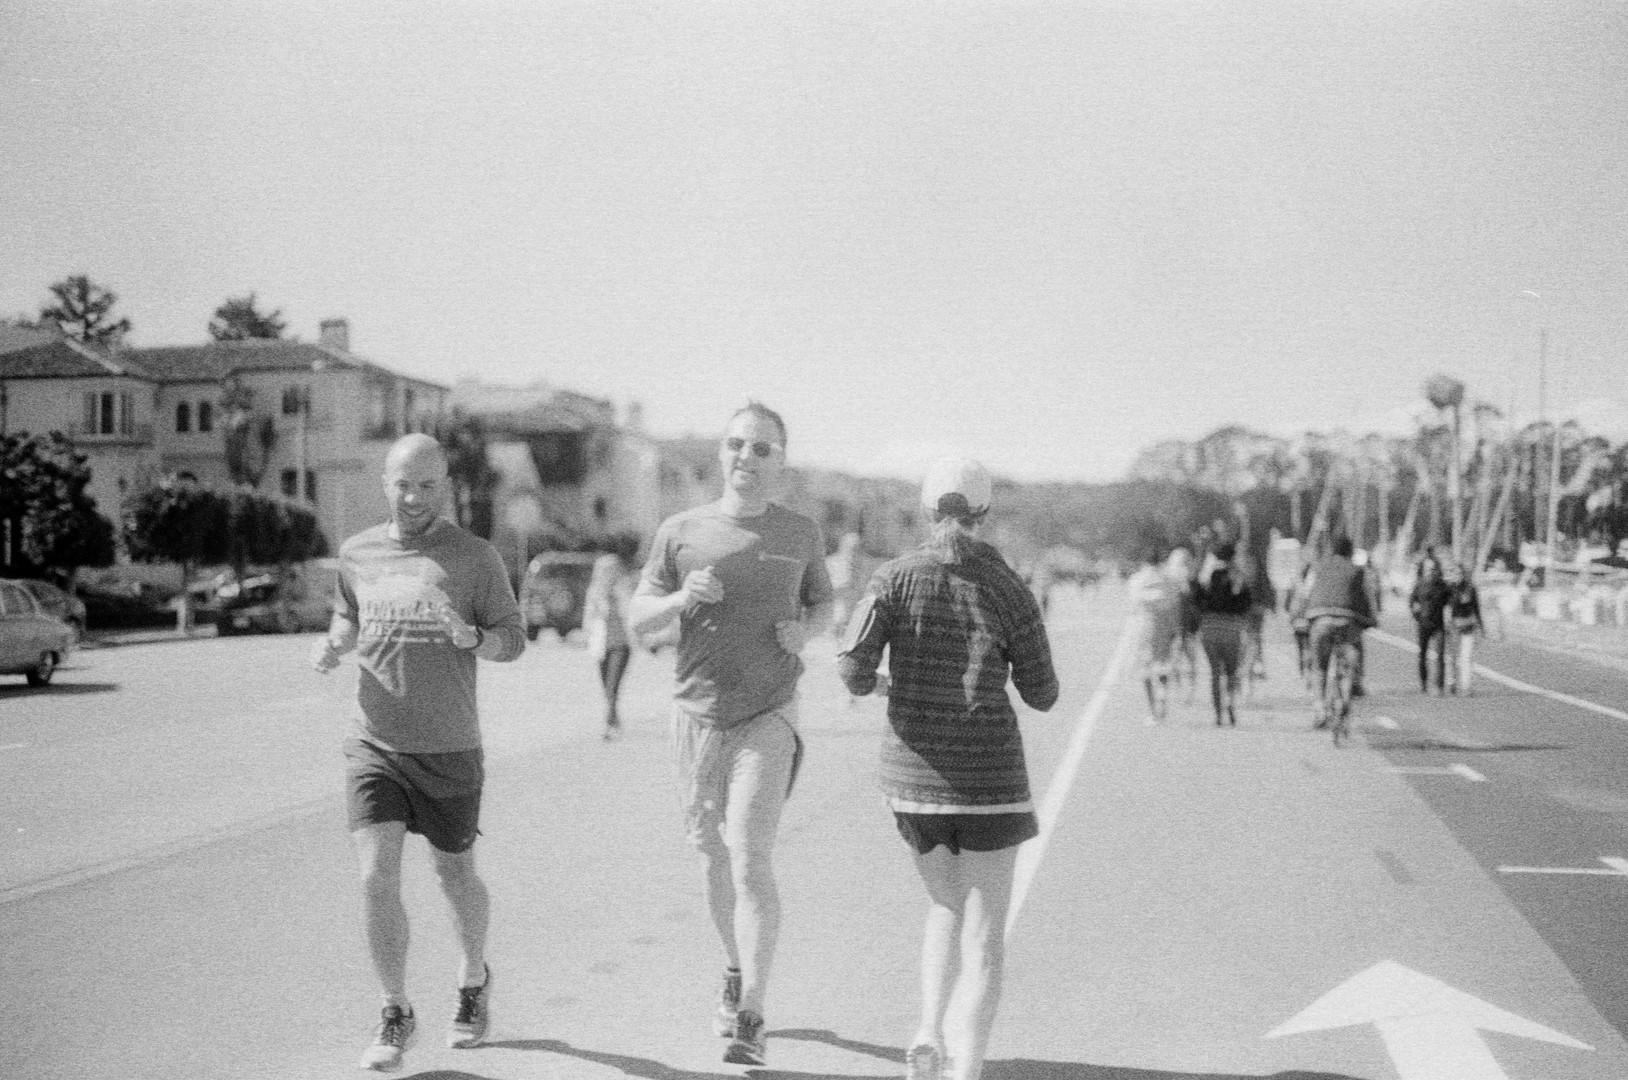 Runners_In_San_Francisco-4.jpg